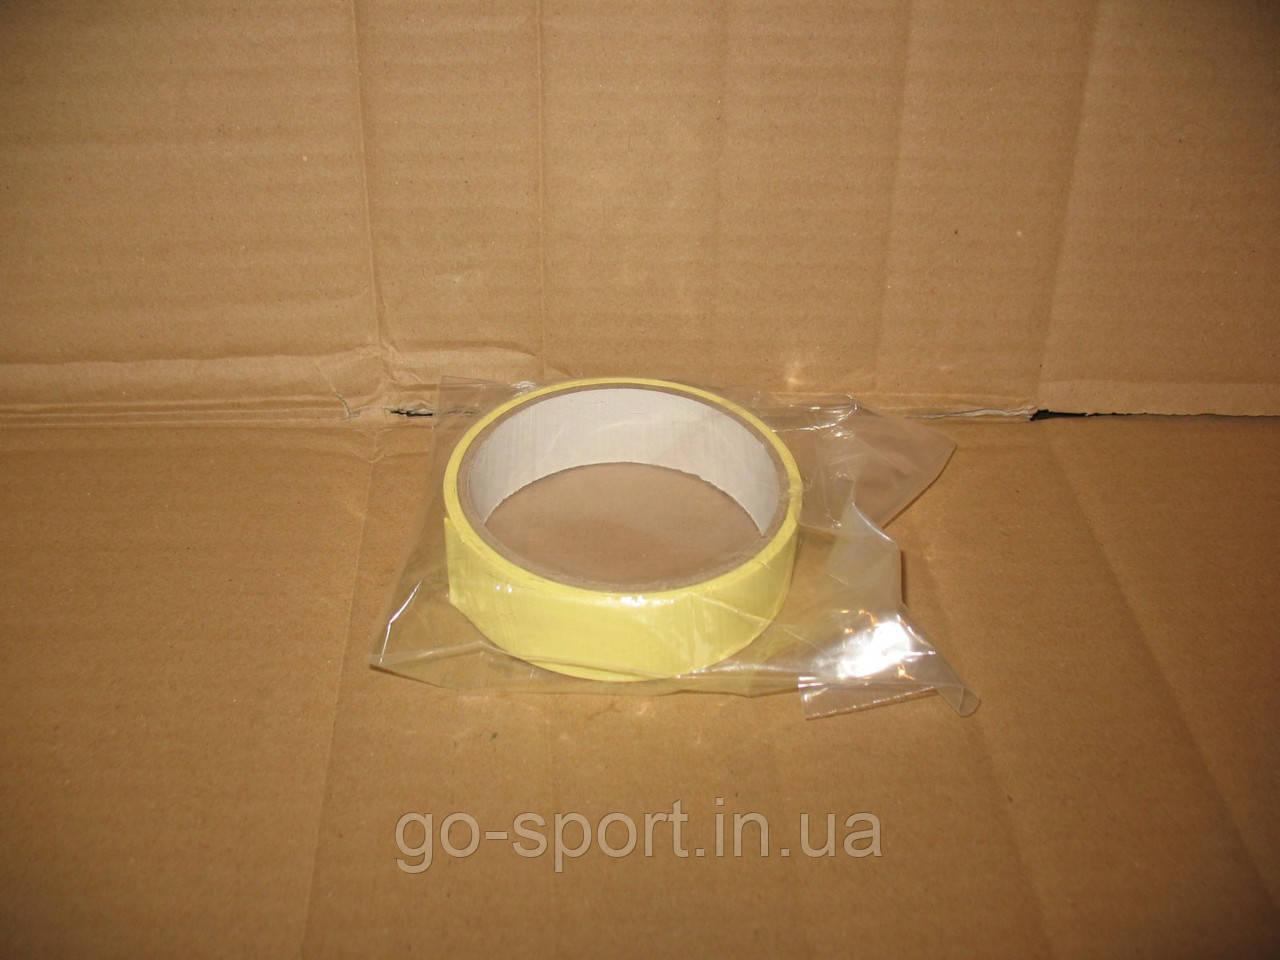 Лента Tubeless Pro Rim Tape 25mm x 10m